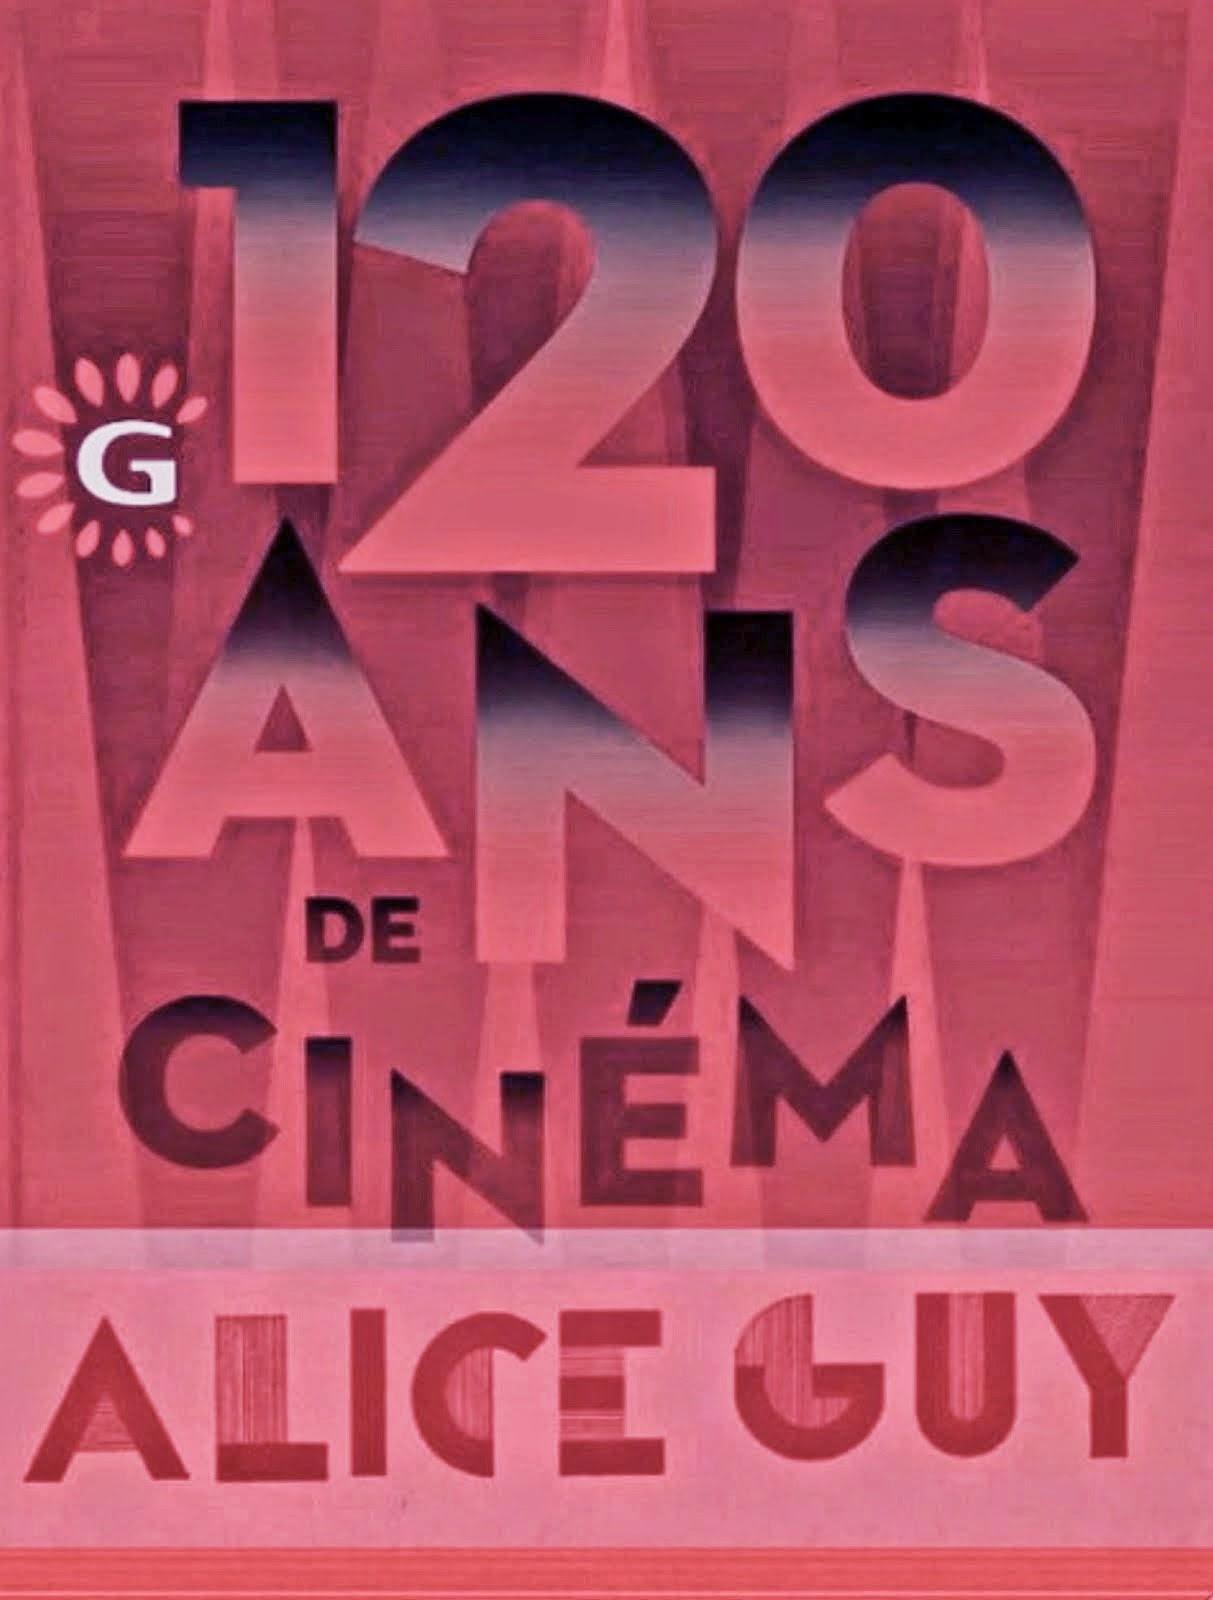 Gaumont 120 ans; Alice Guy depuis que le cinéma existe. Exposition Cent 4 Paris